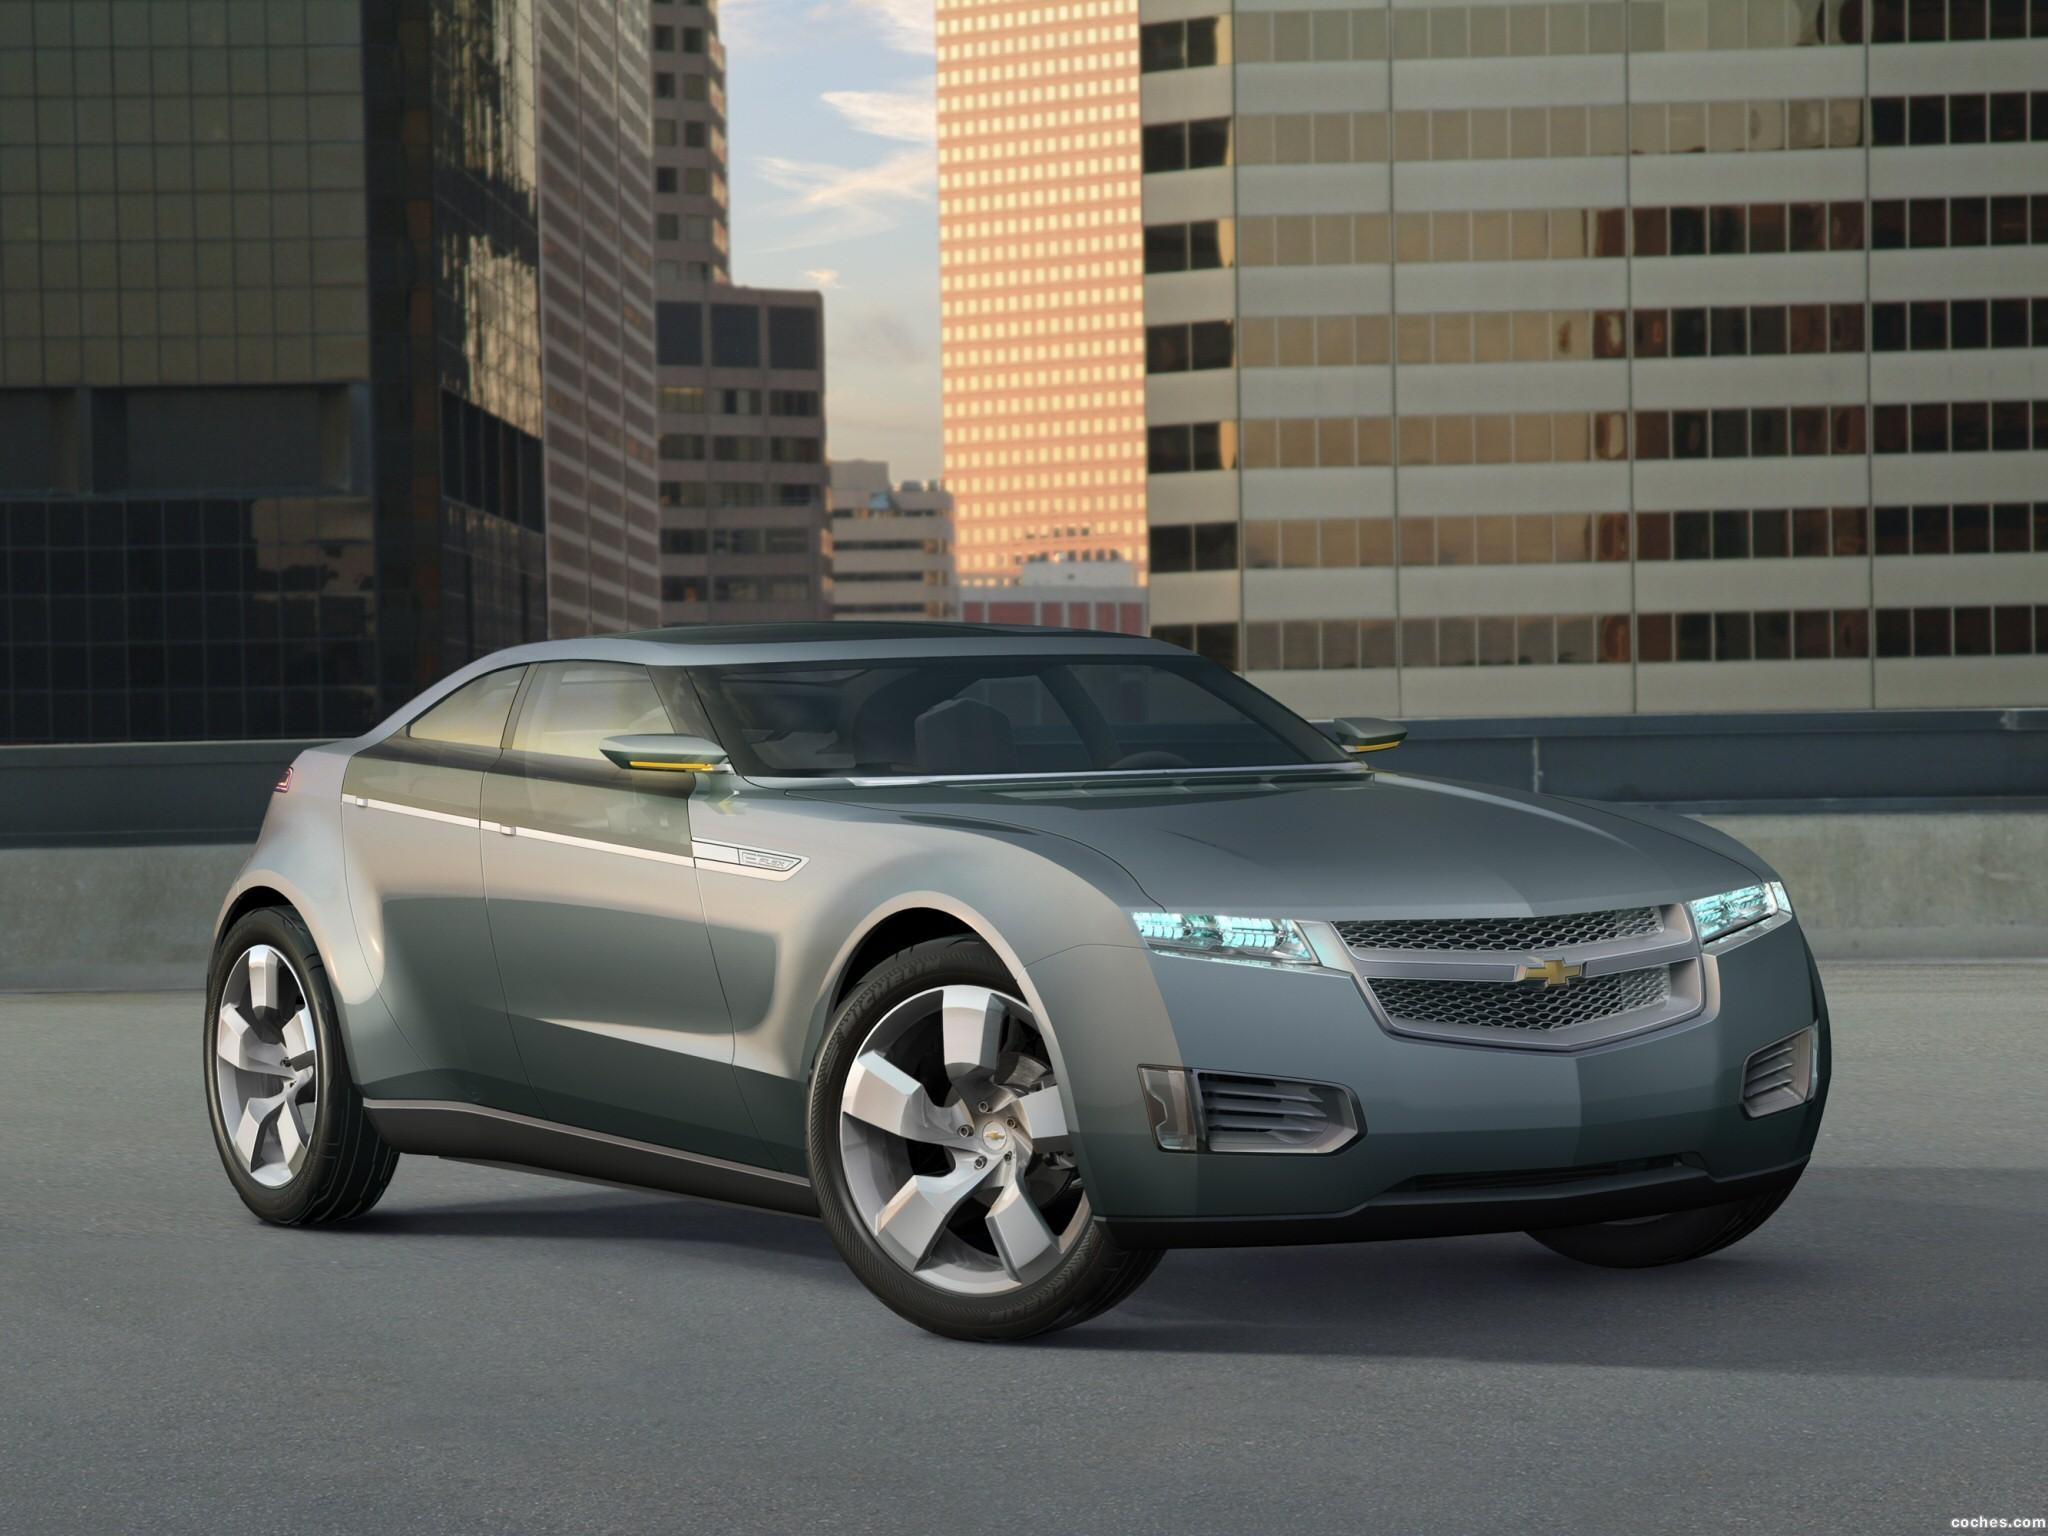 Foto 0 de Chevrolet Volt Concept 2007